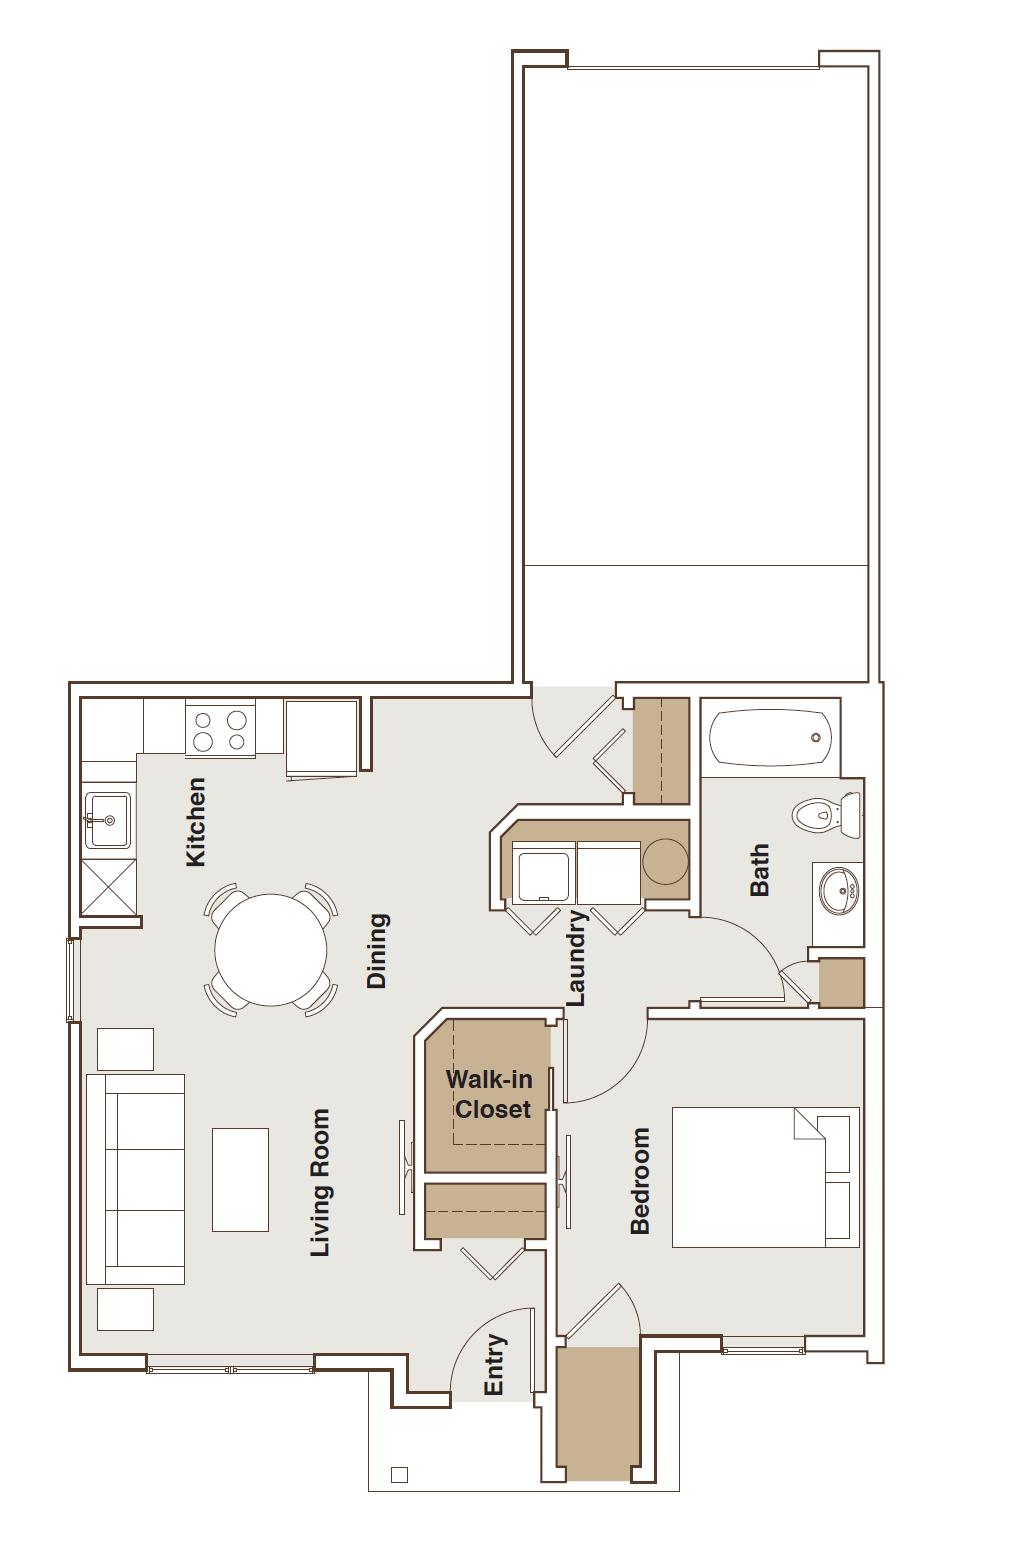 1 BEDROOM WITH GARAGE